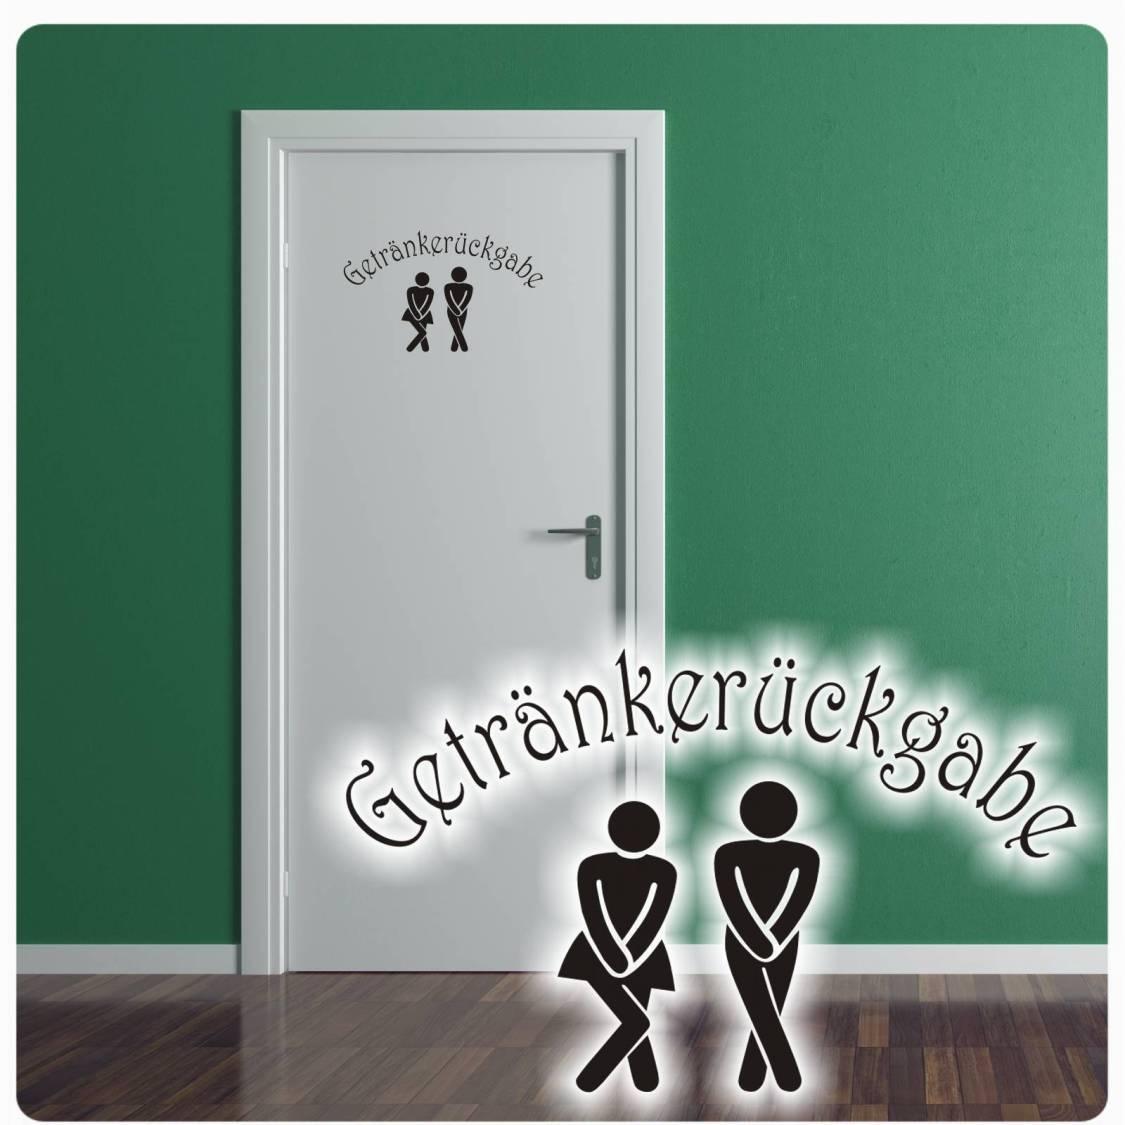 Tür Aufkleber Getränkerückgabe Wandtattoo Pipi Lounge WC Bad Badezimmer T330